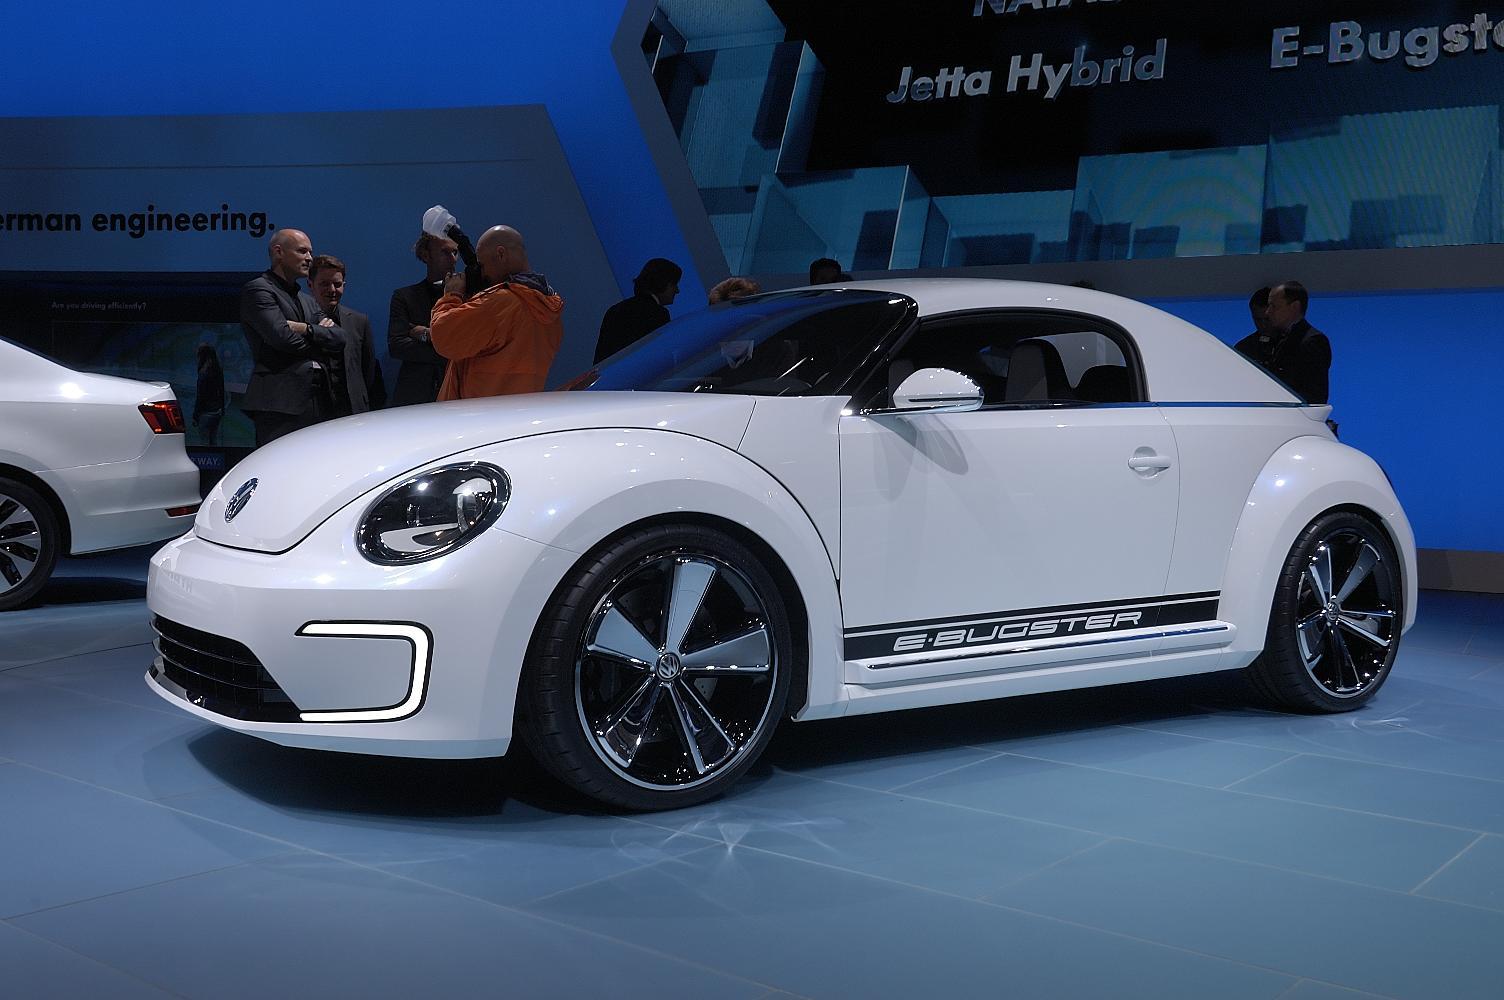 VW E-Bugster NAIAS 2012 3